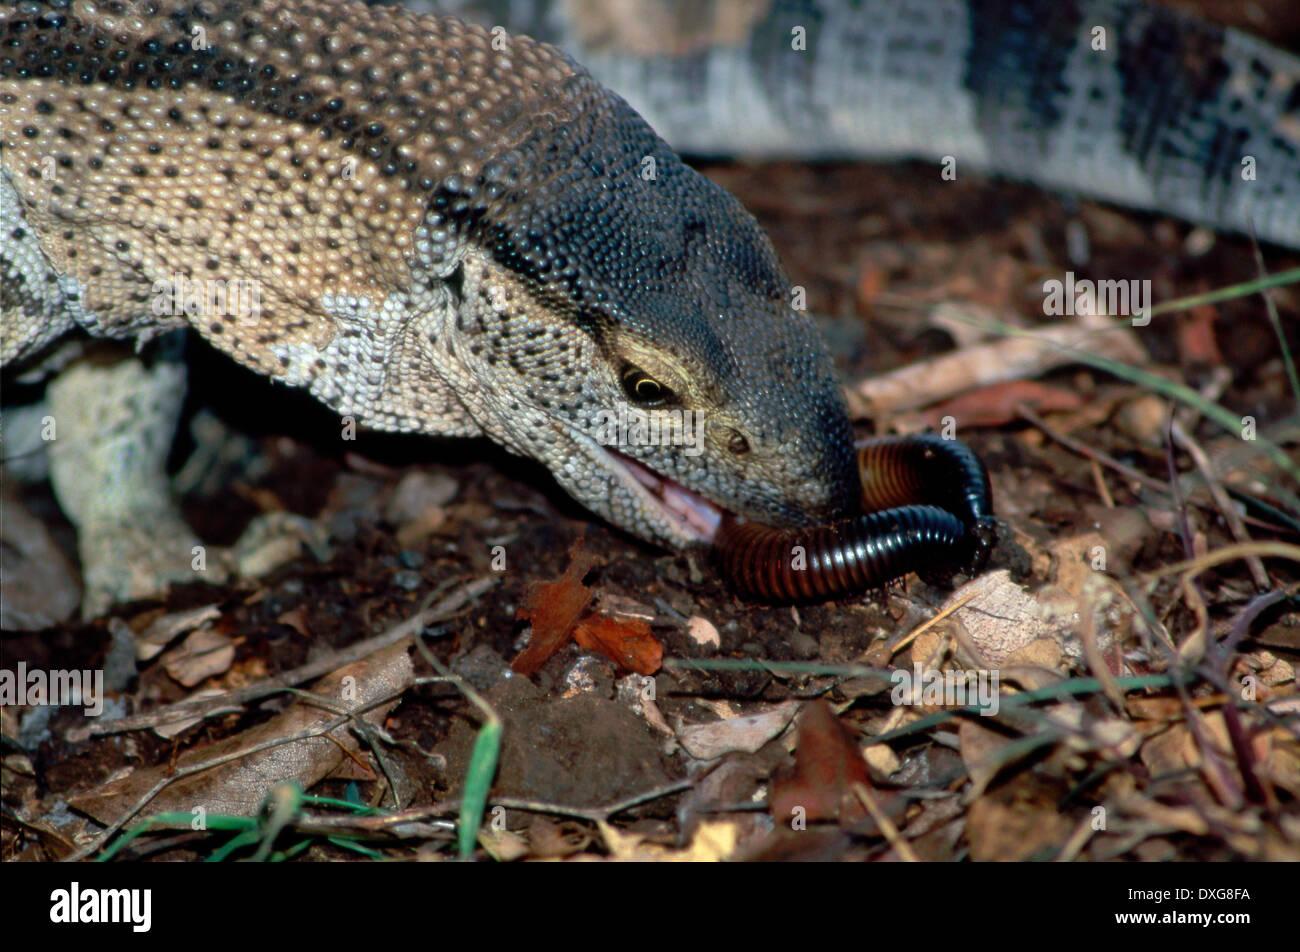 Giant centipede eating snake